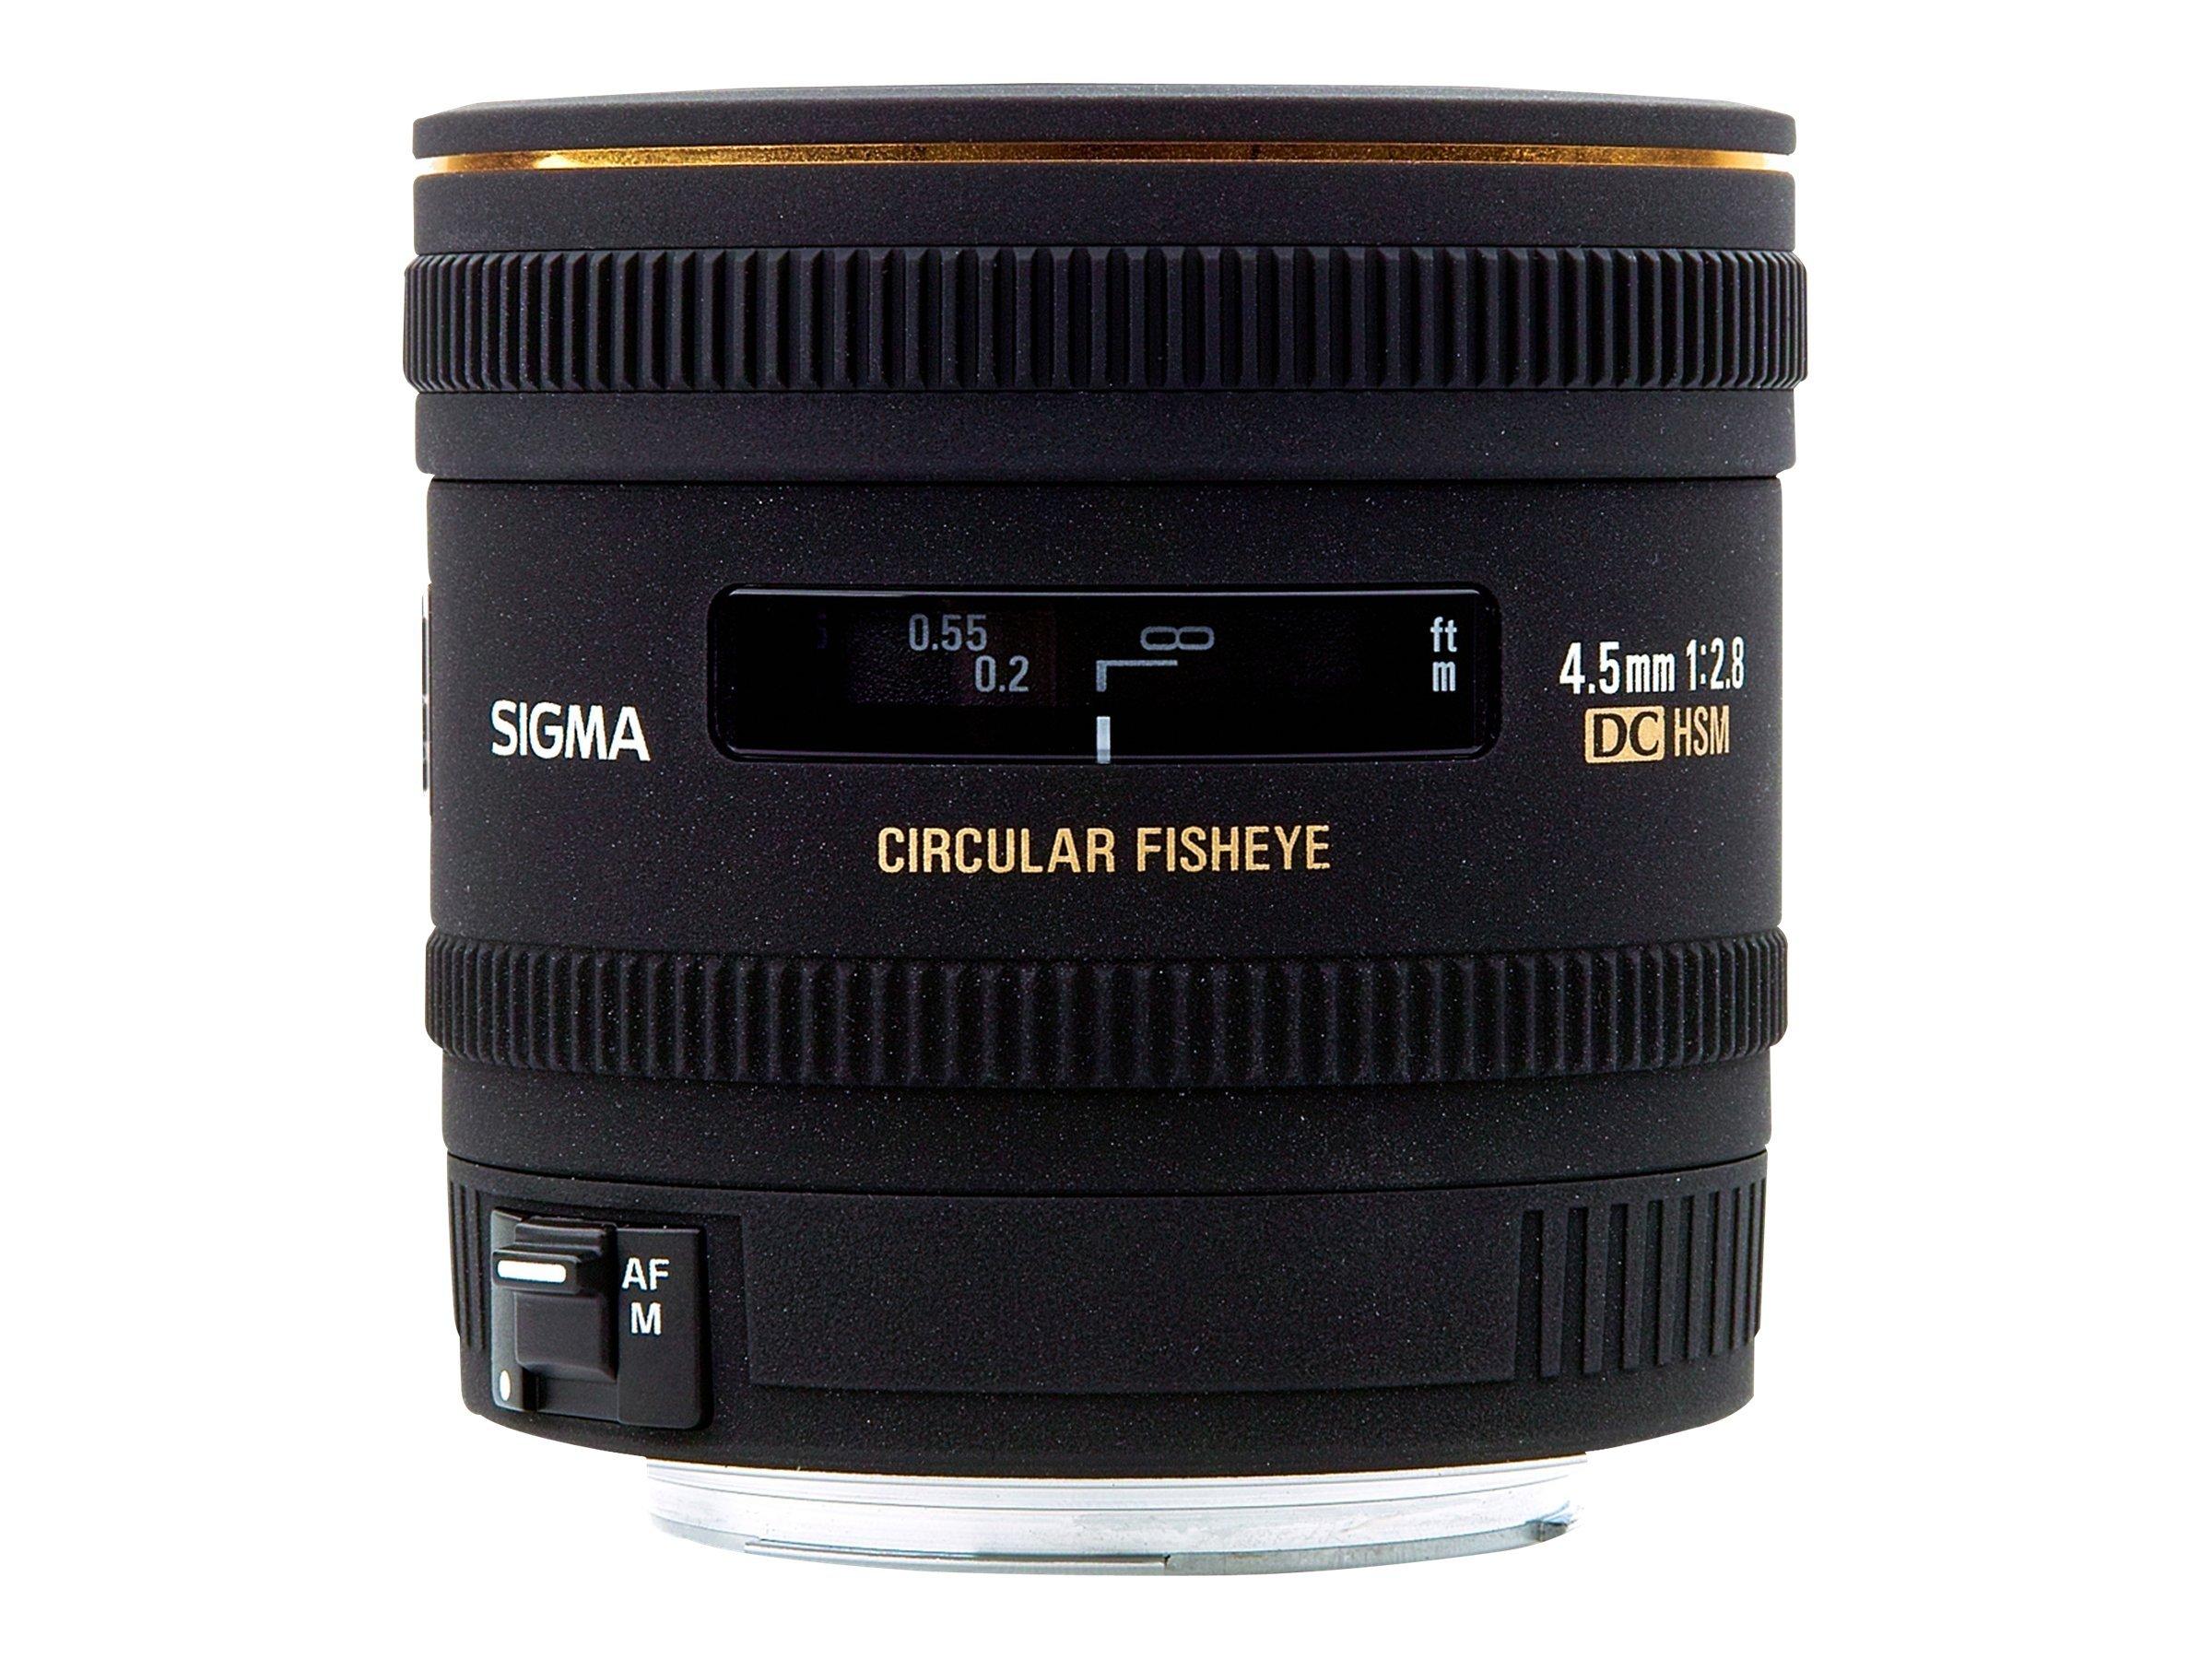 Sigma EX - Fischaugenobjektiv - 4.5 mm - f/2.8 DC HSM - Canon EF